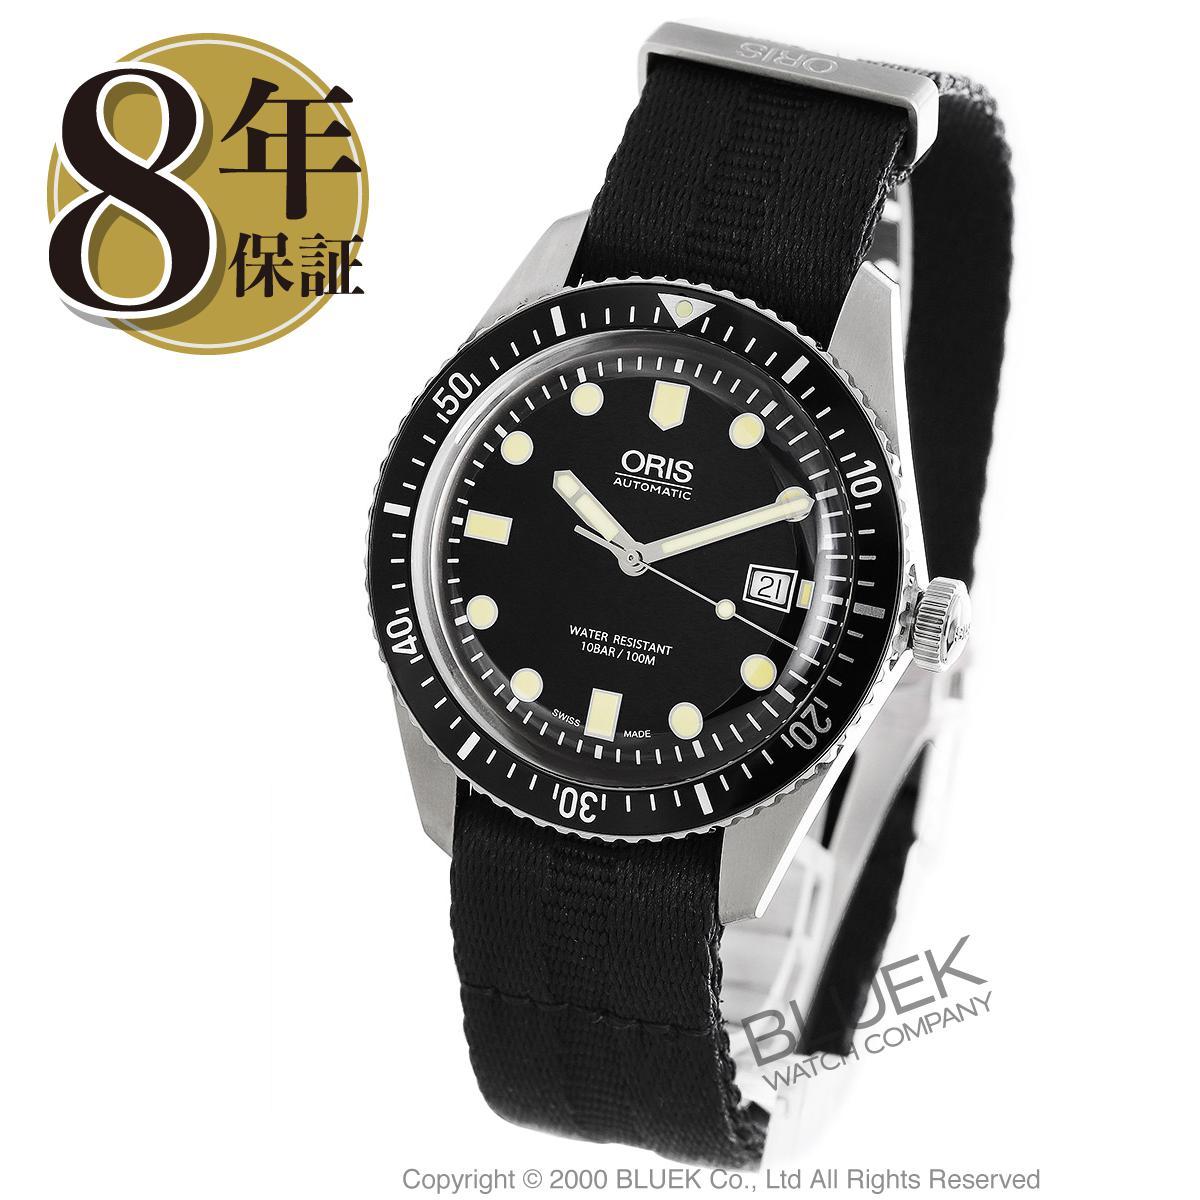 オリス ダイバーズ 65 腕時計 メンズ ORIS 733 7720 4054D_8